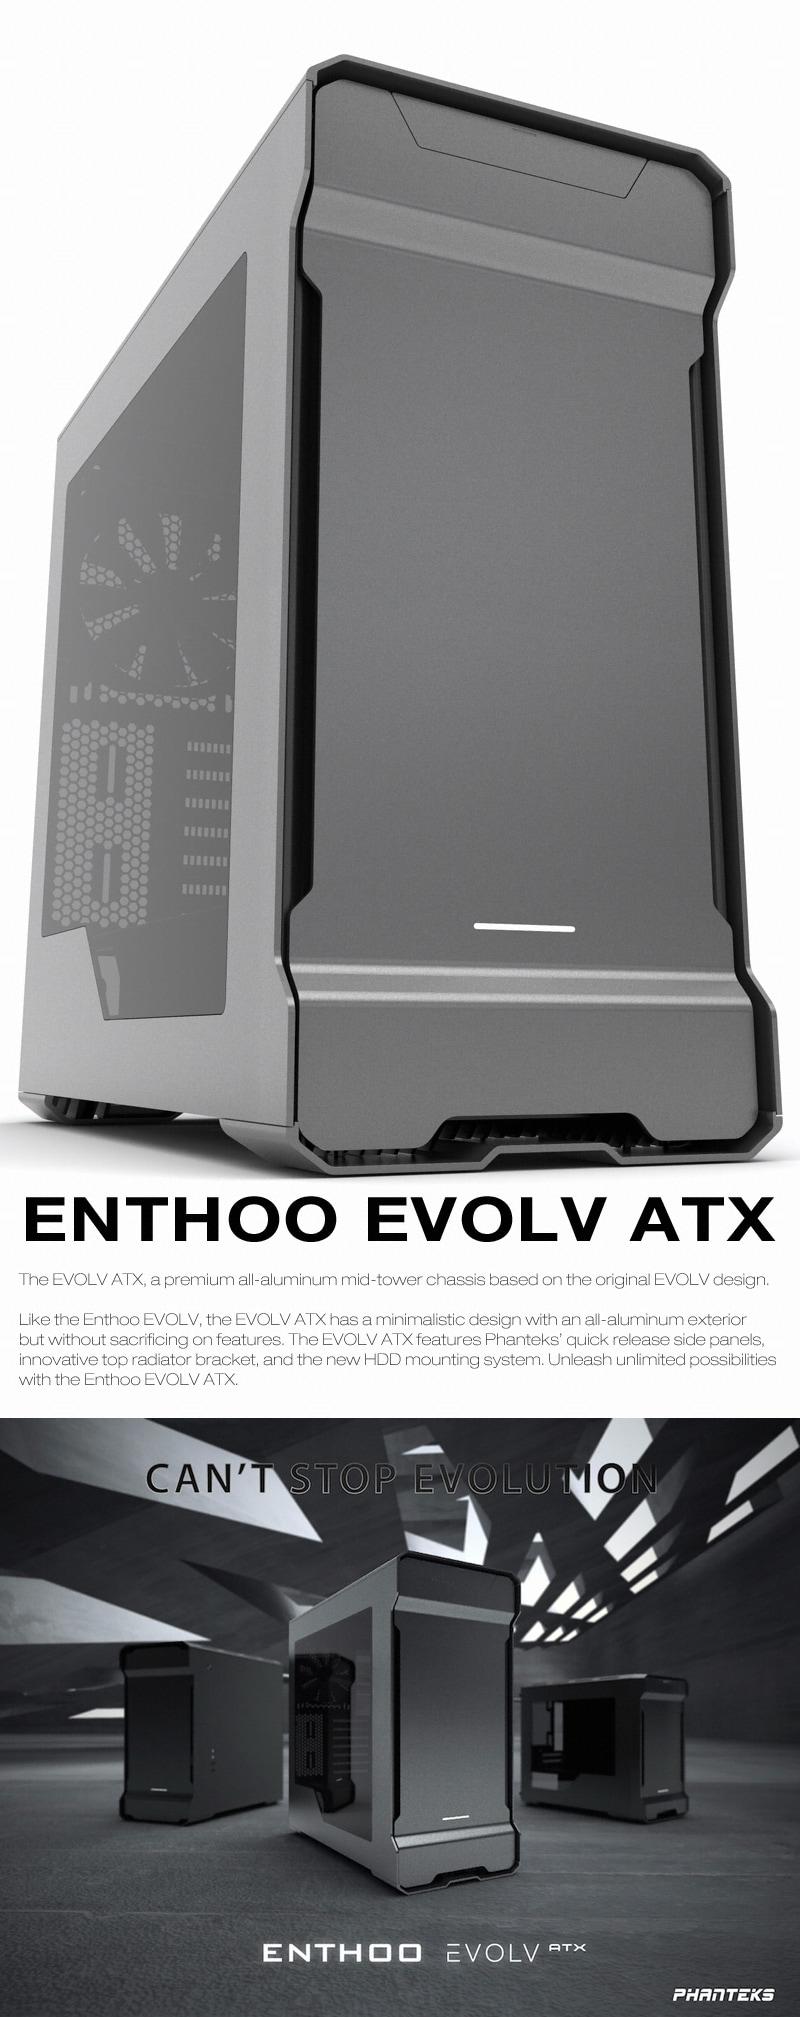 ENTHOOEVOLVATXAG-1_DB.jpg